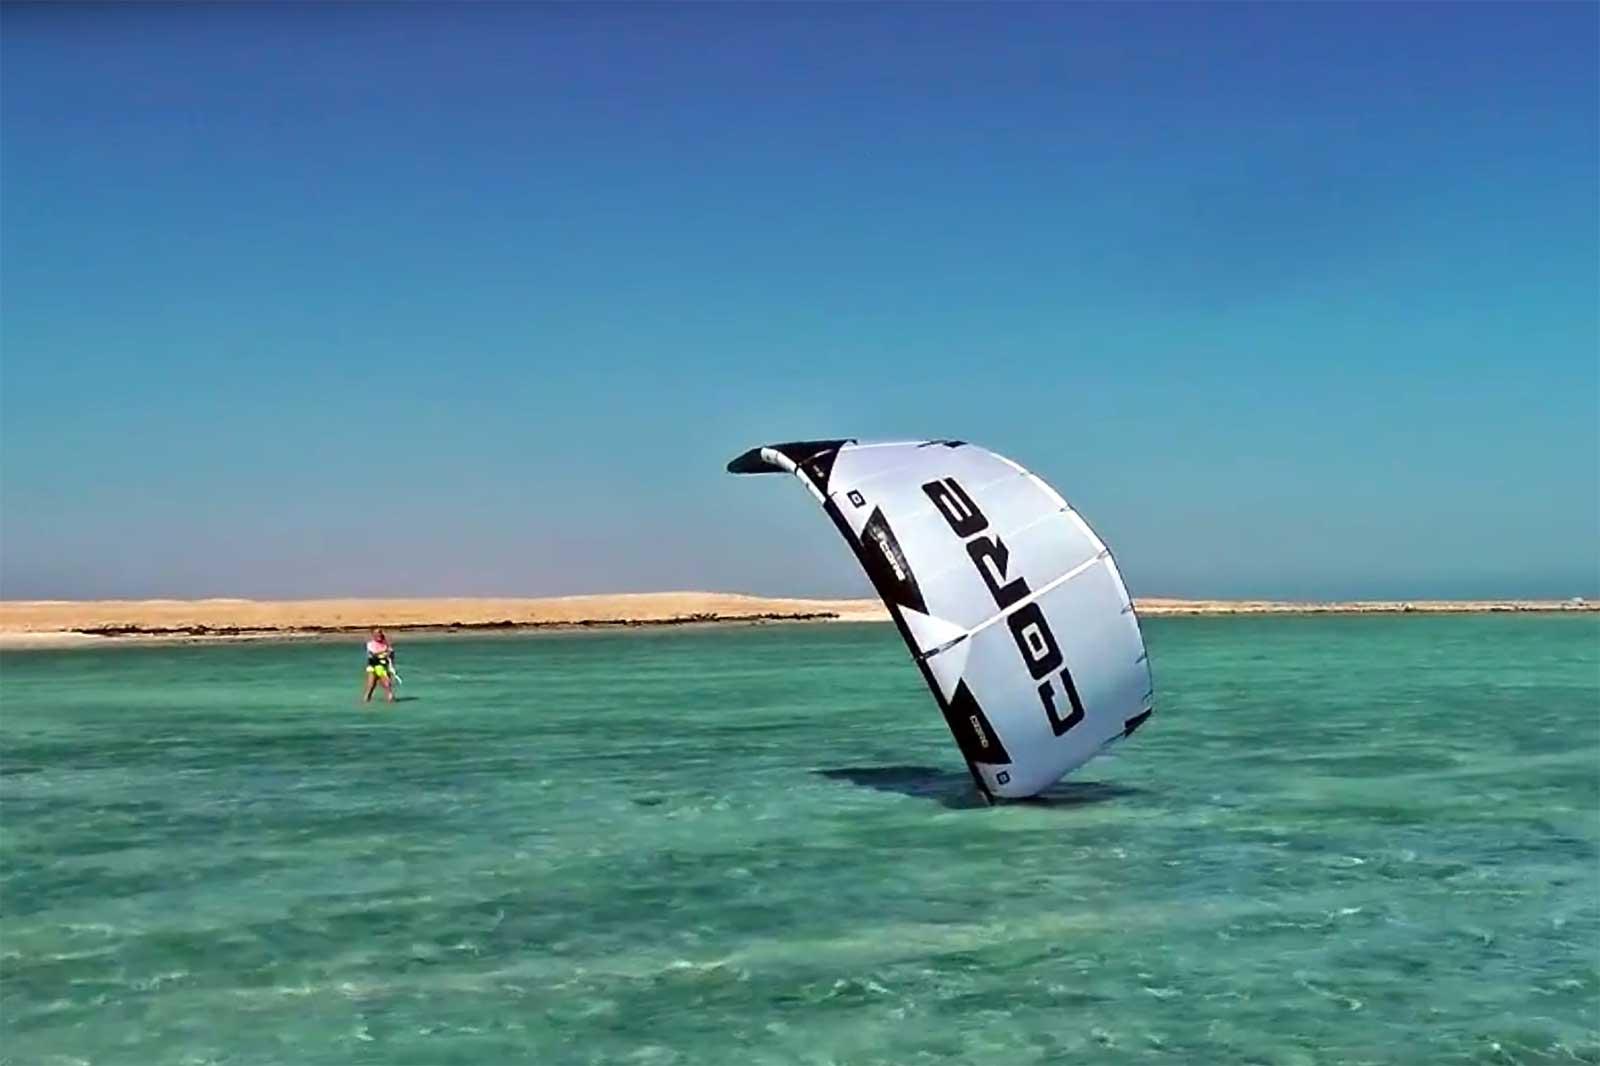 kitesurf come fare rilancio